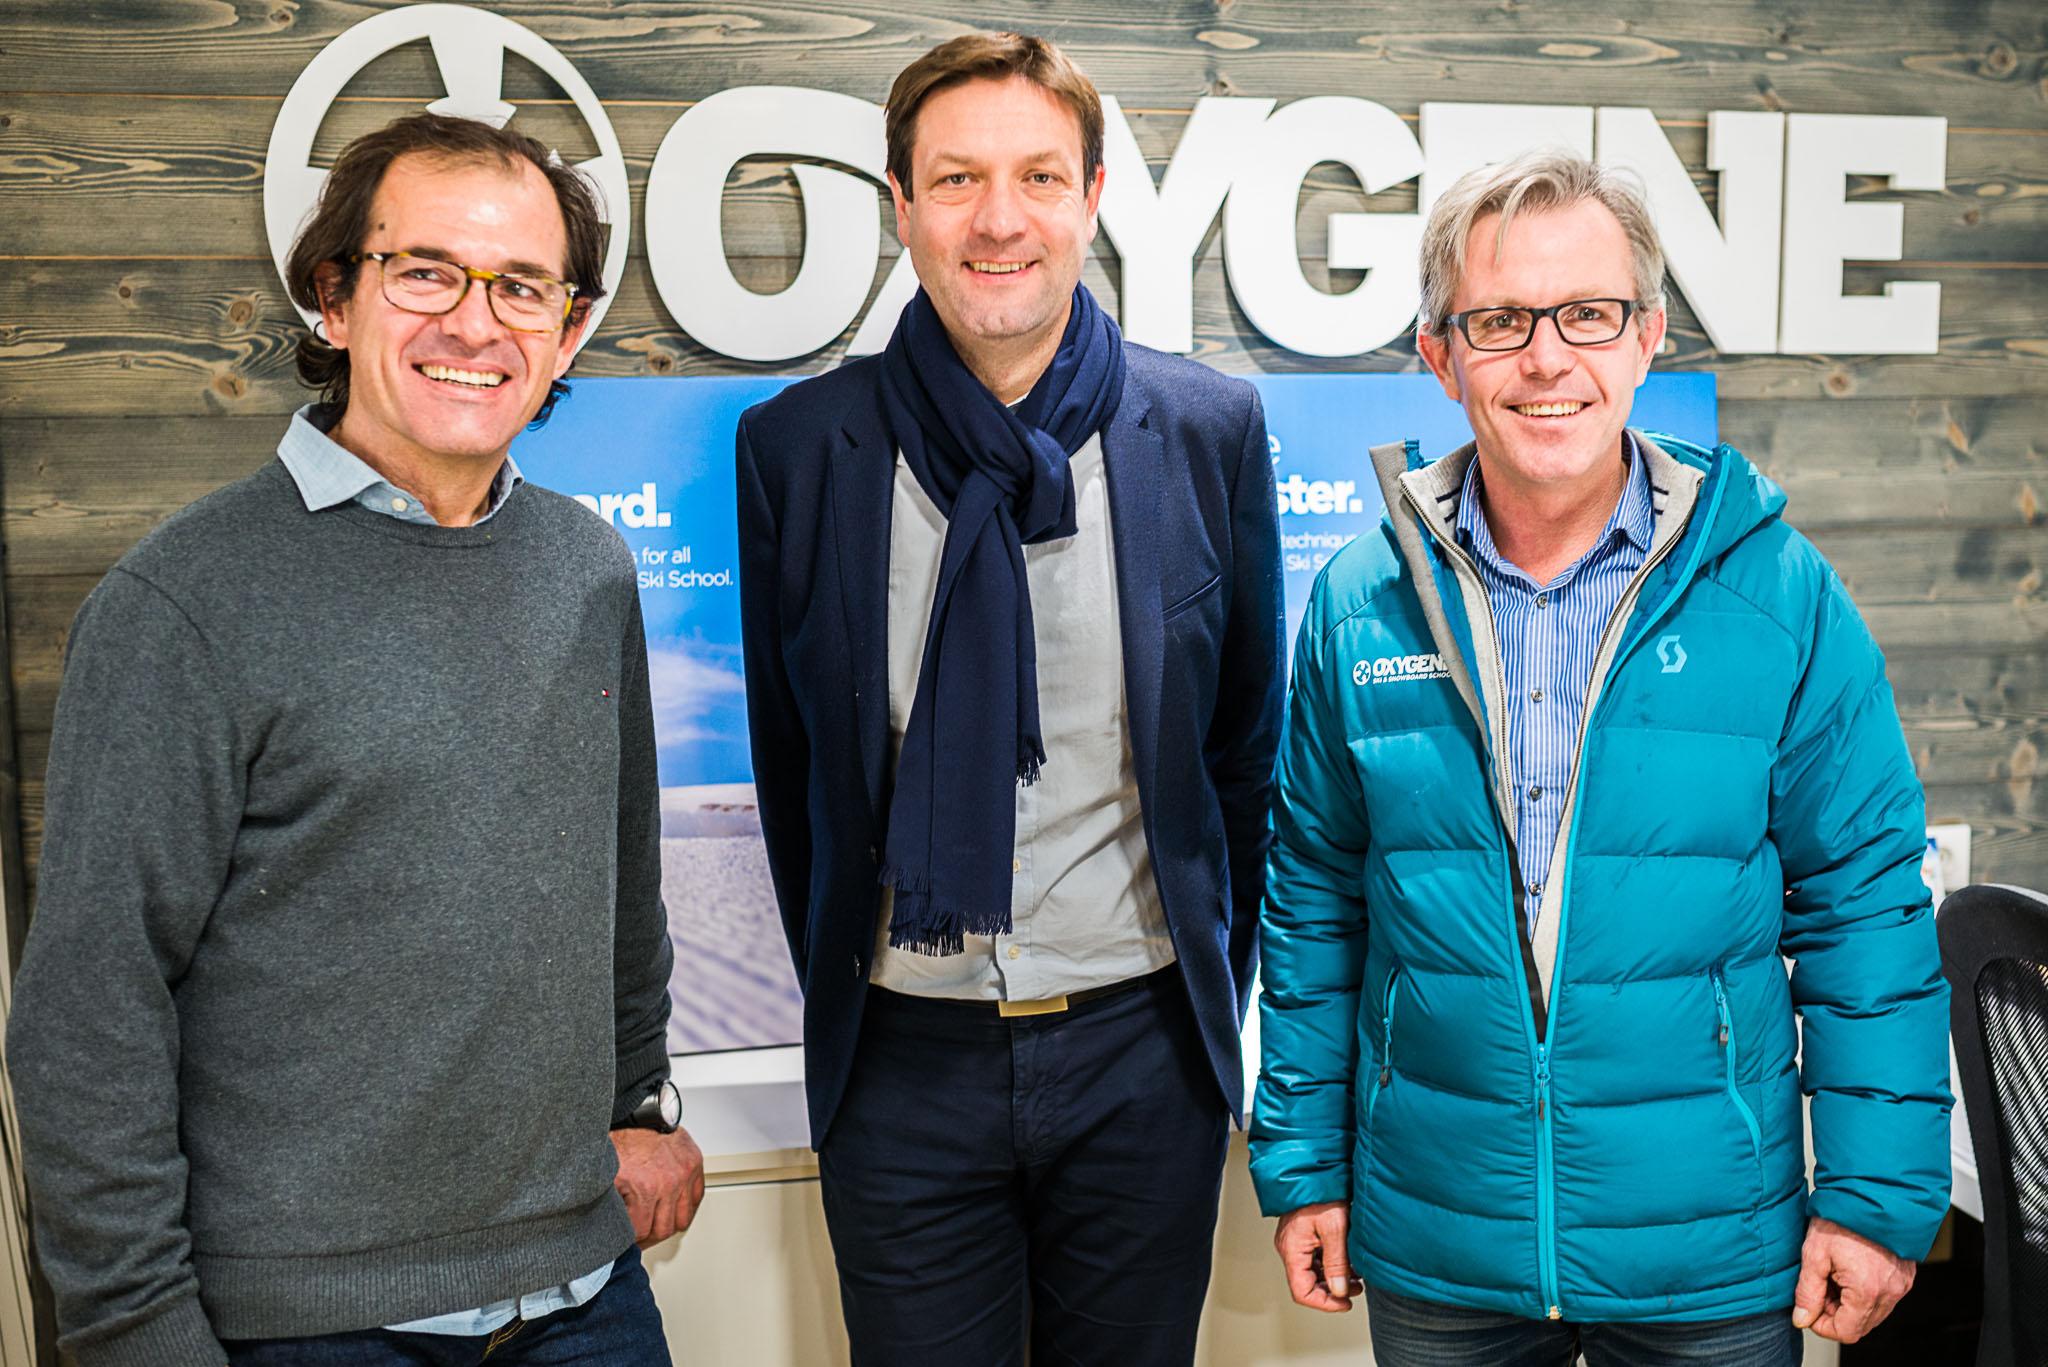 Monsieur le maire de Moutiers Fabrice Pannekoucke et Pierre et Bertrand de Monvallier, co-fondateurs Oxygène ski